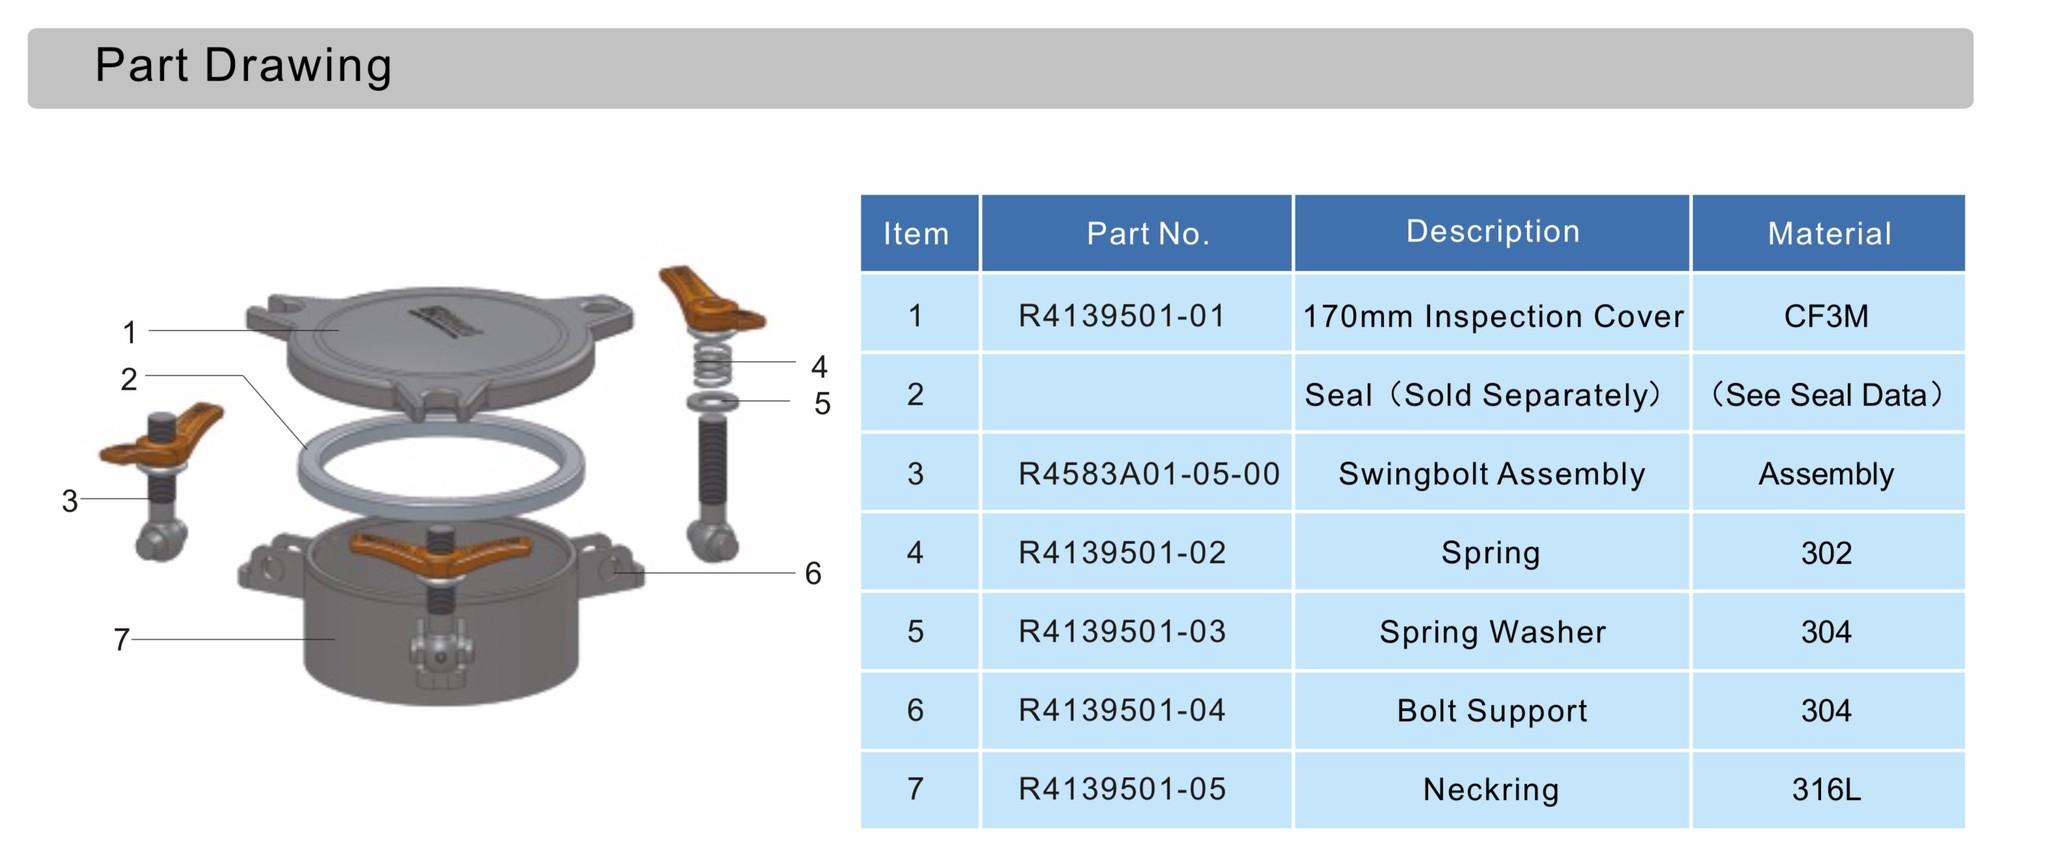 Escotilla de inspección 170 mm R4139501-00 Dibujo de pieza